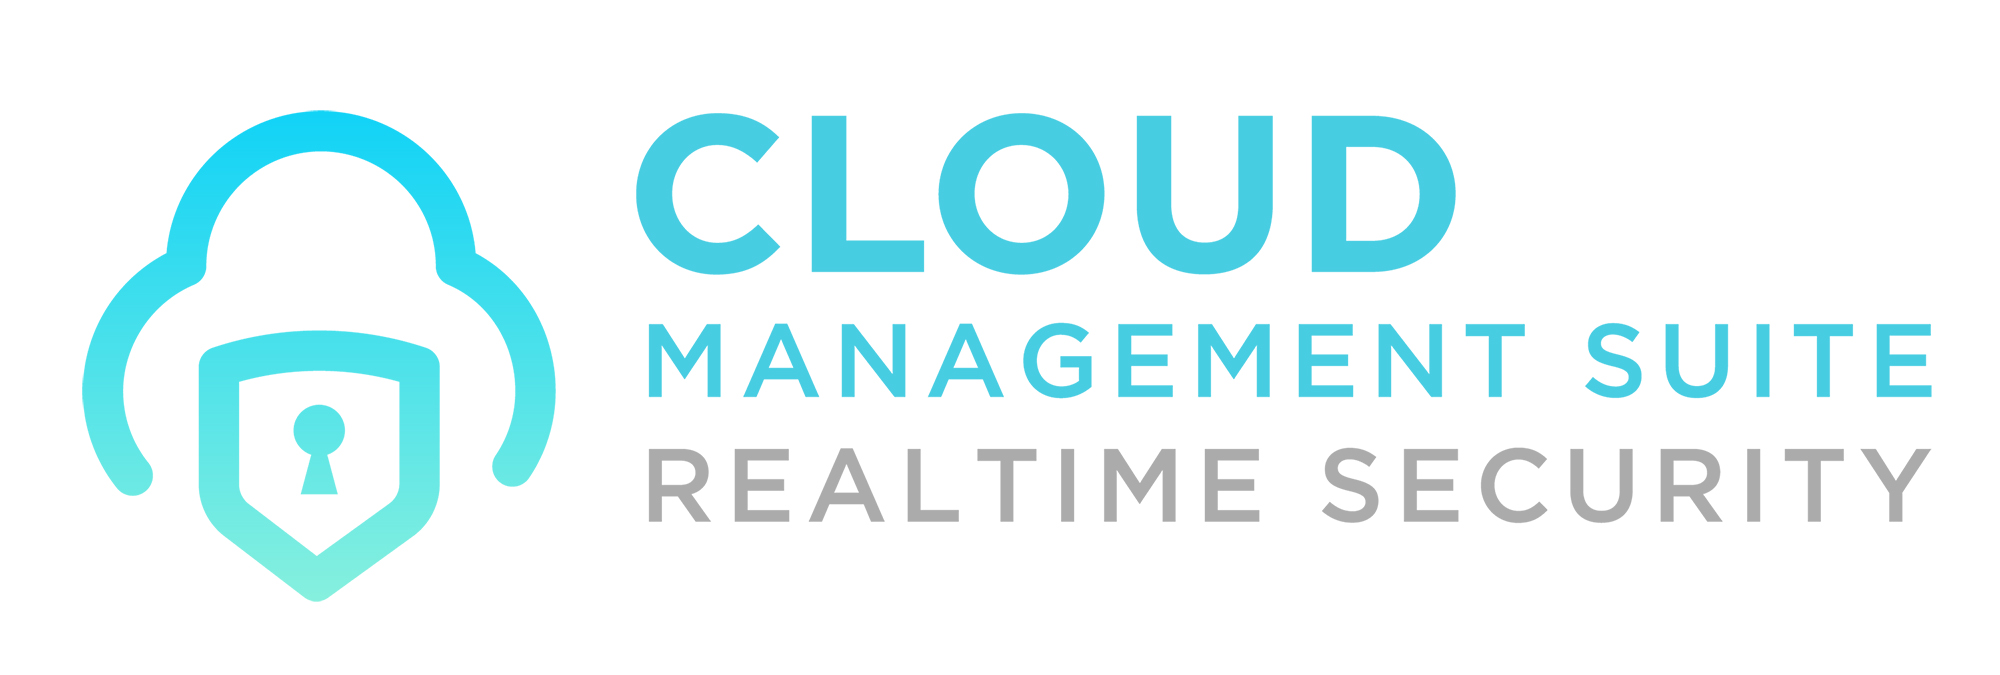 Cloud Management Suite Realtime Security